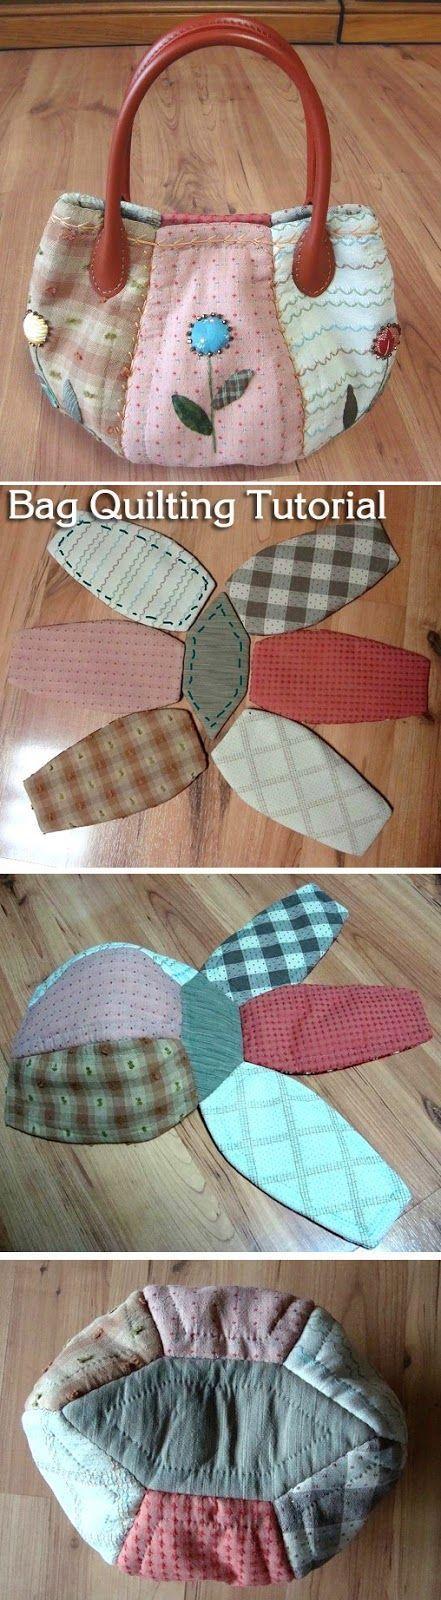 Simple and convenient bag. Patchwork, Quilting. DIY Picture Tutorial. Простая и удобная сумка. Лоскутное шитьё (пэчворк, квилтинг). http://www.handmadiya.com/2015/09/simple-bag-quilting.html